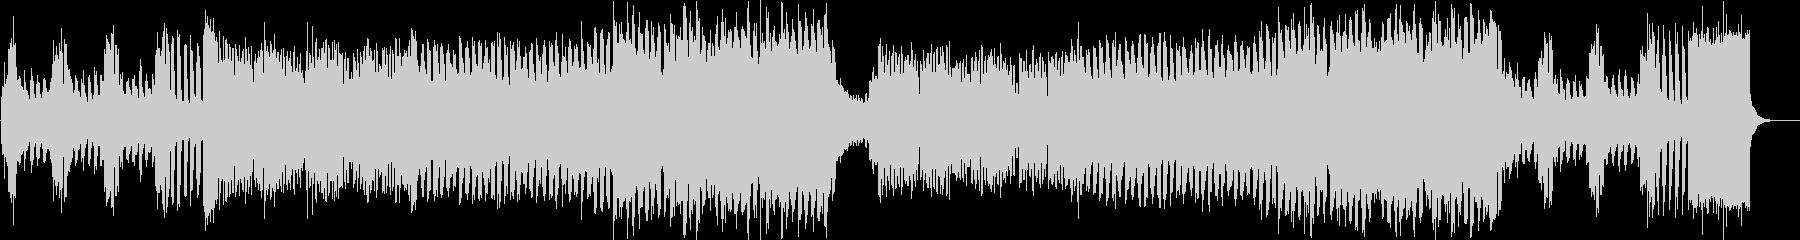 ピアノイントロ、キラキラしたJPOP風bの未再生の波形